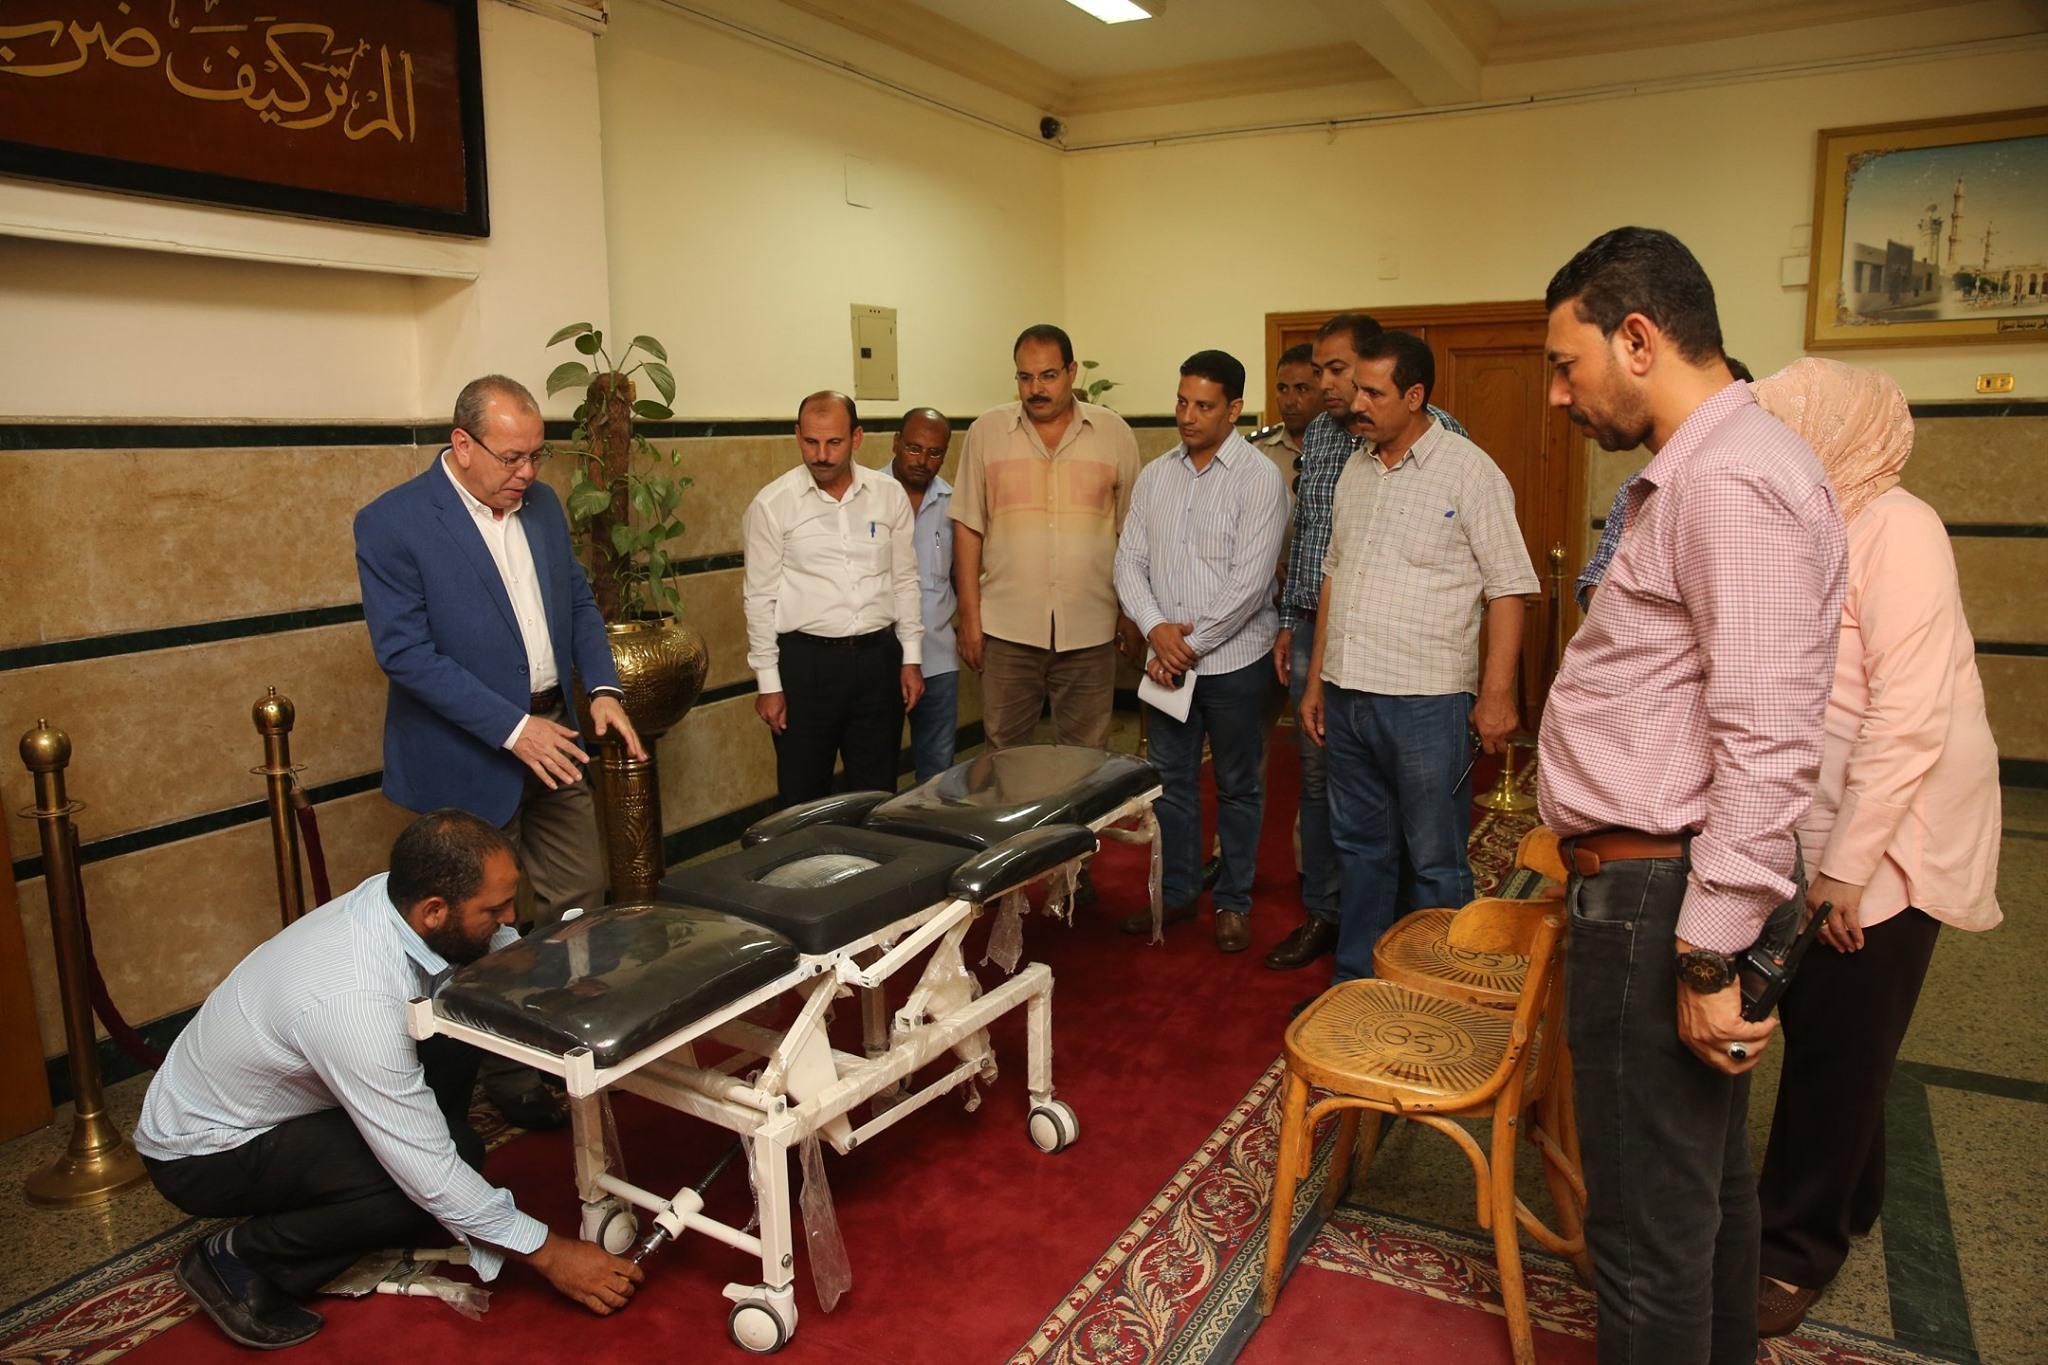 محافظ كفر الشيخ يكرم مخترع من ذوى الاحتياجات الخاصة لابتكاره كرسى طبى متحرك لنقل المرضى (3)